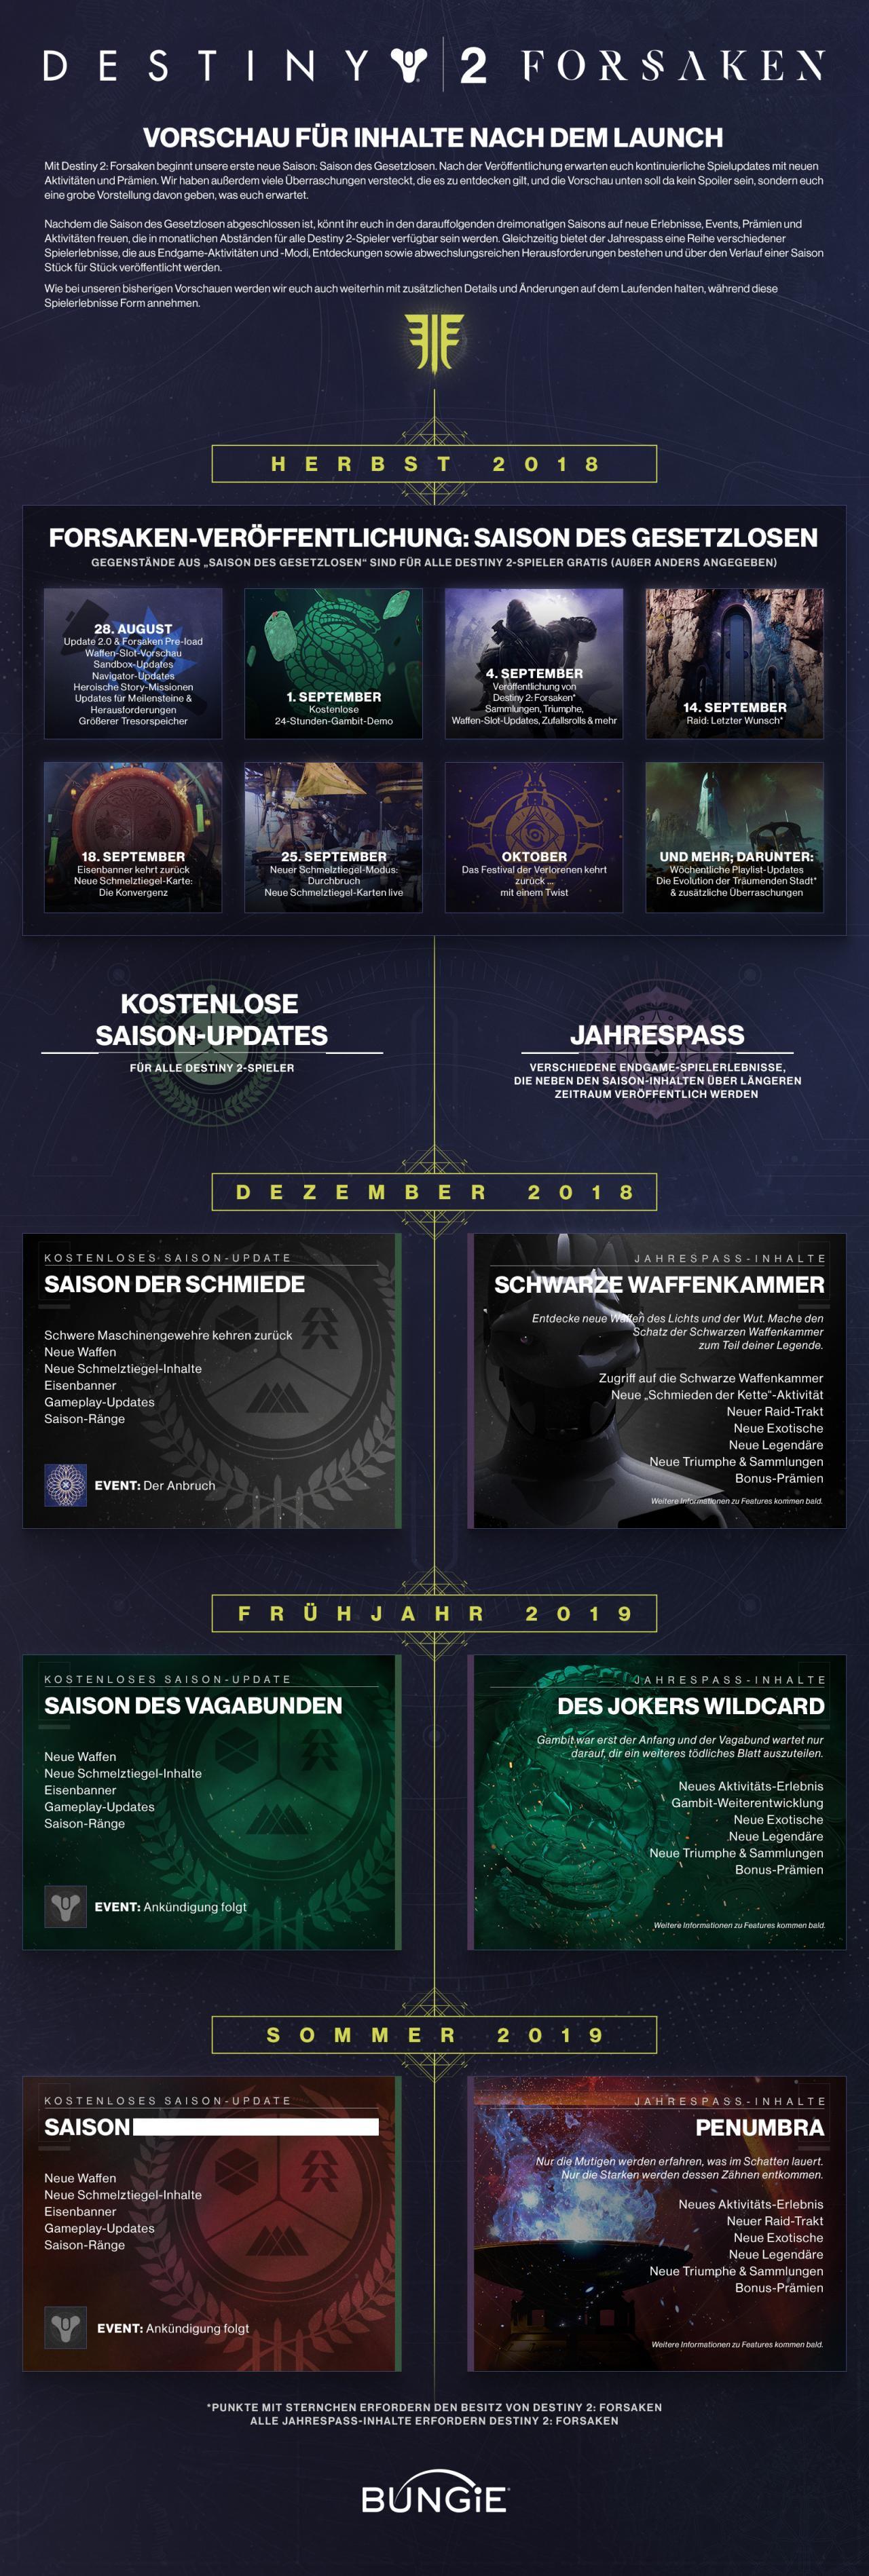 Destiny 2 Raid Karte.Destiny 2 Das Bieten Die Schwarze Waffenkammer Jokers Wildcard Und